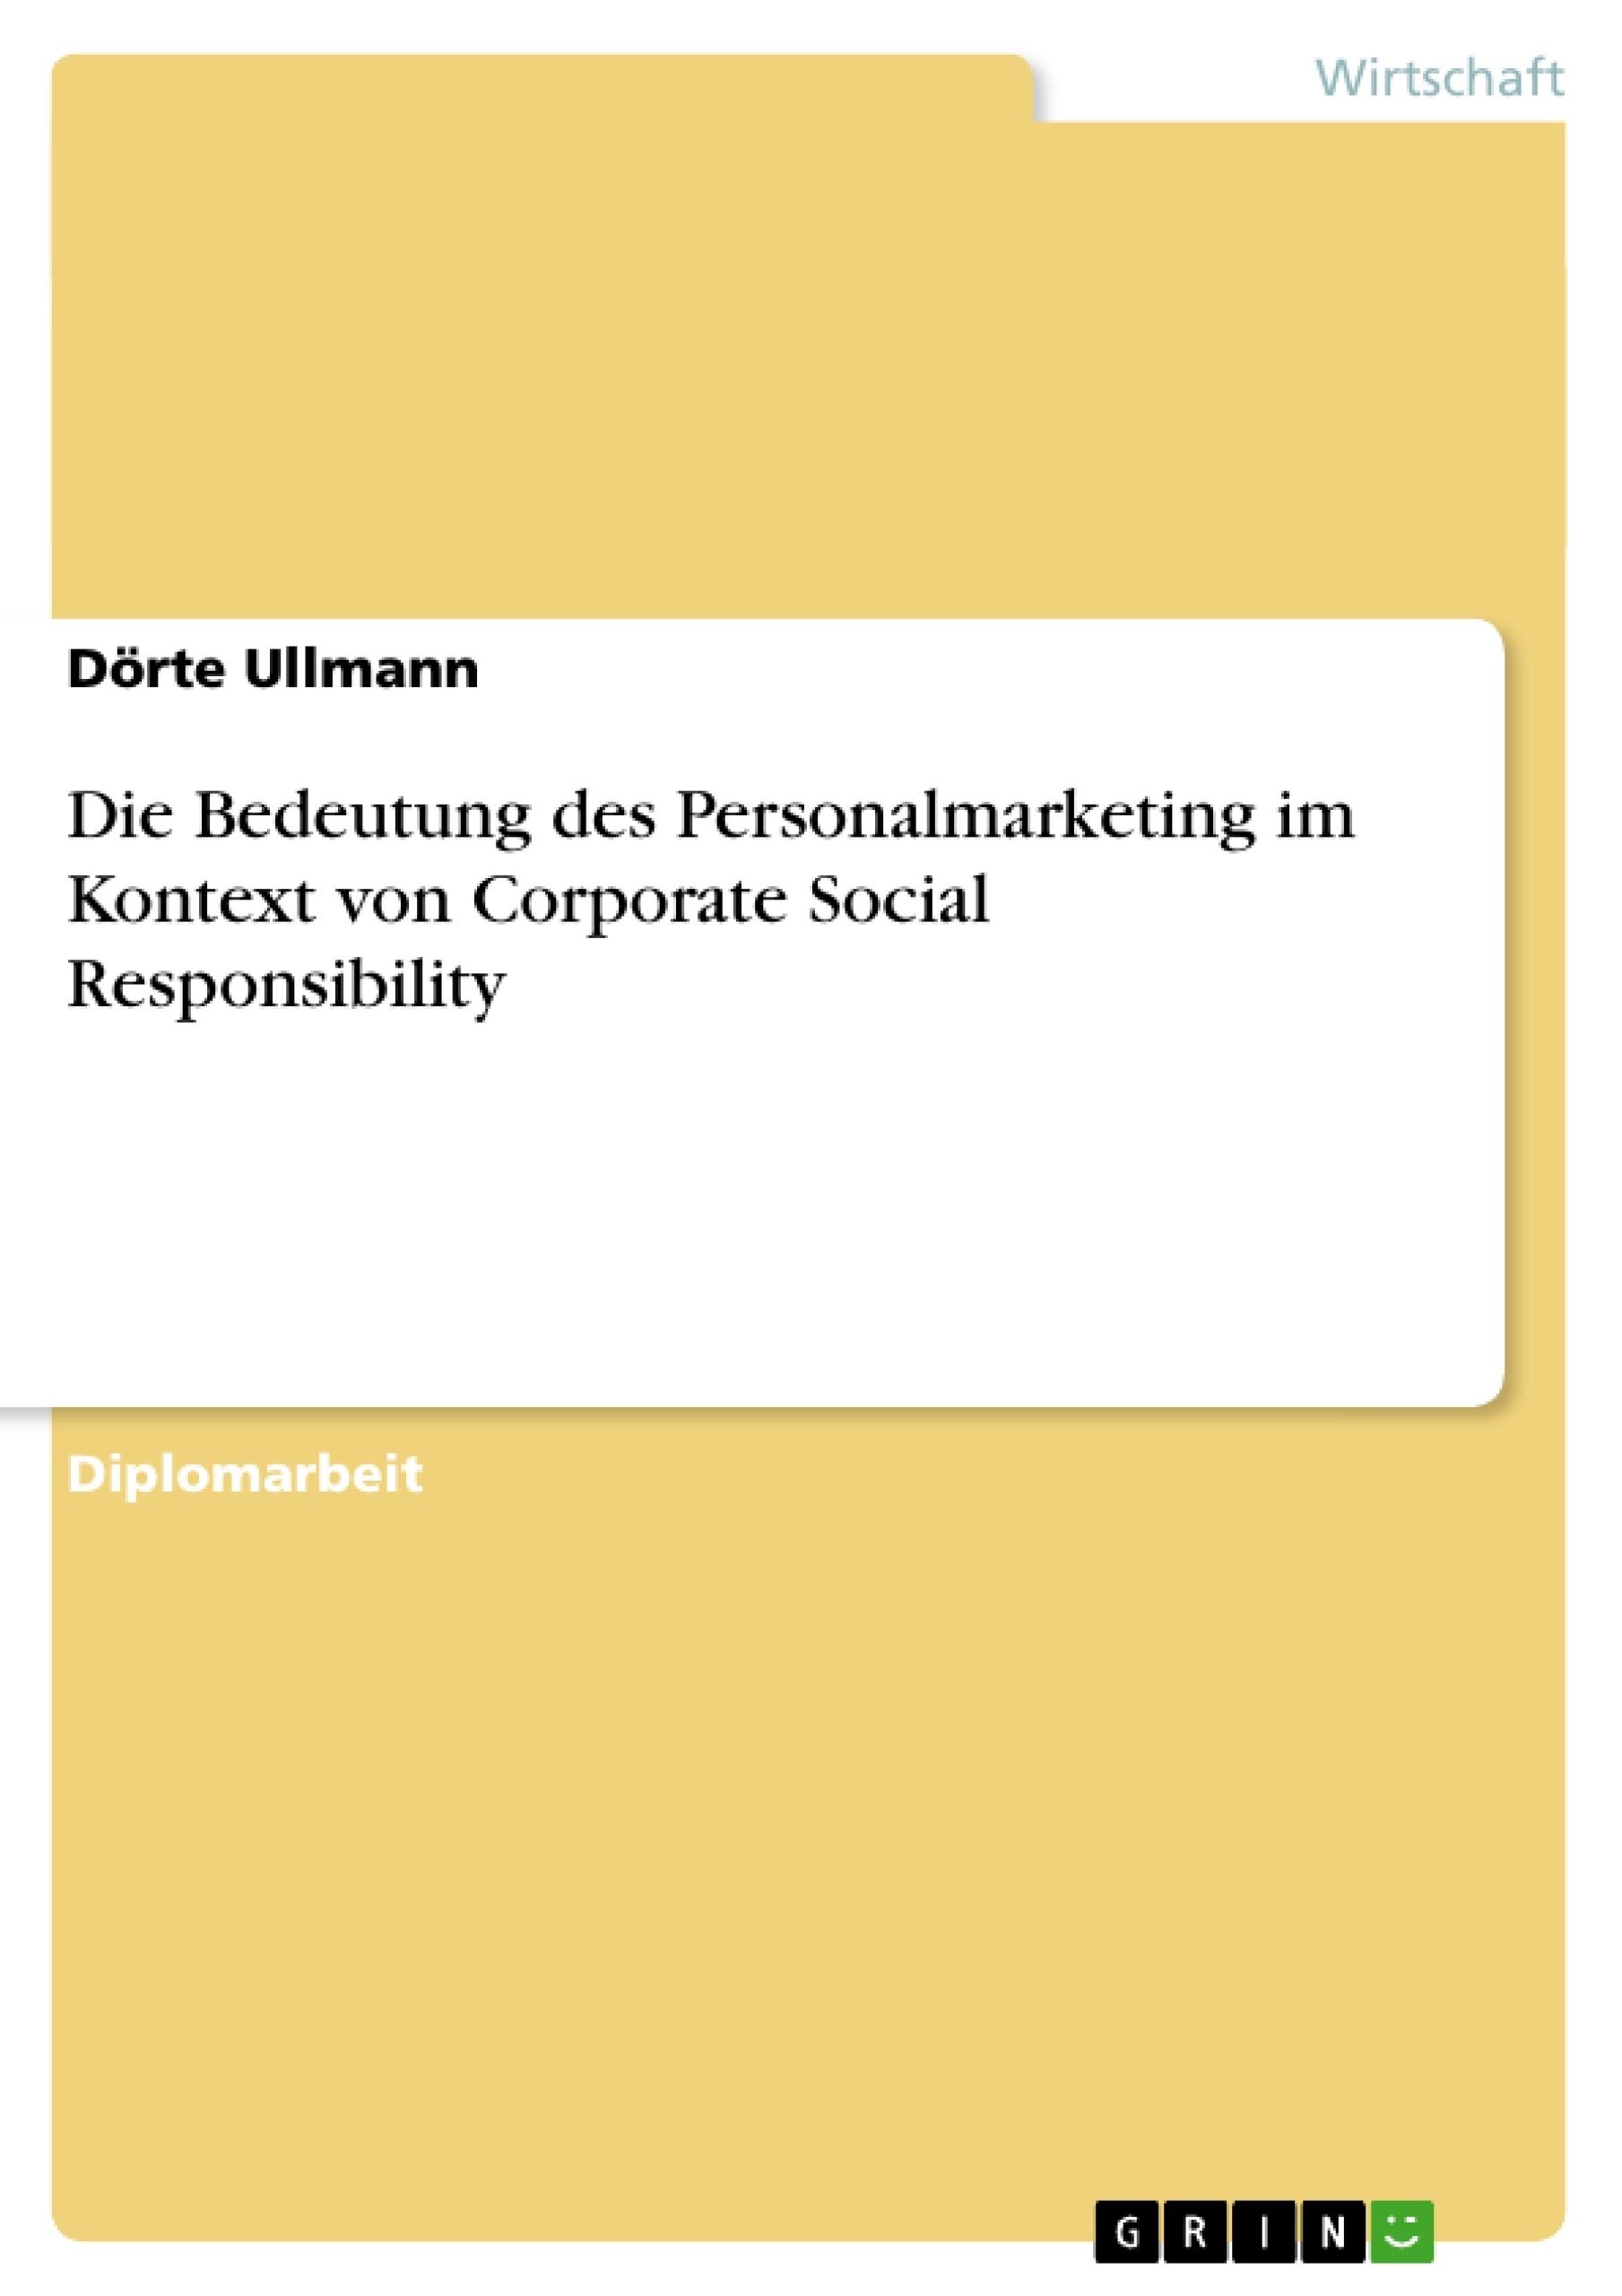 Titel: Die Bedeutung des Personalmarketing im Kontext von Corporate Social Responsibility